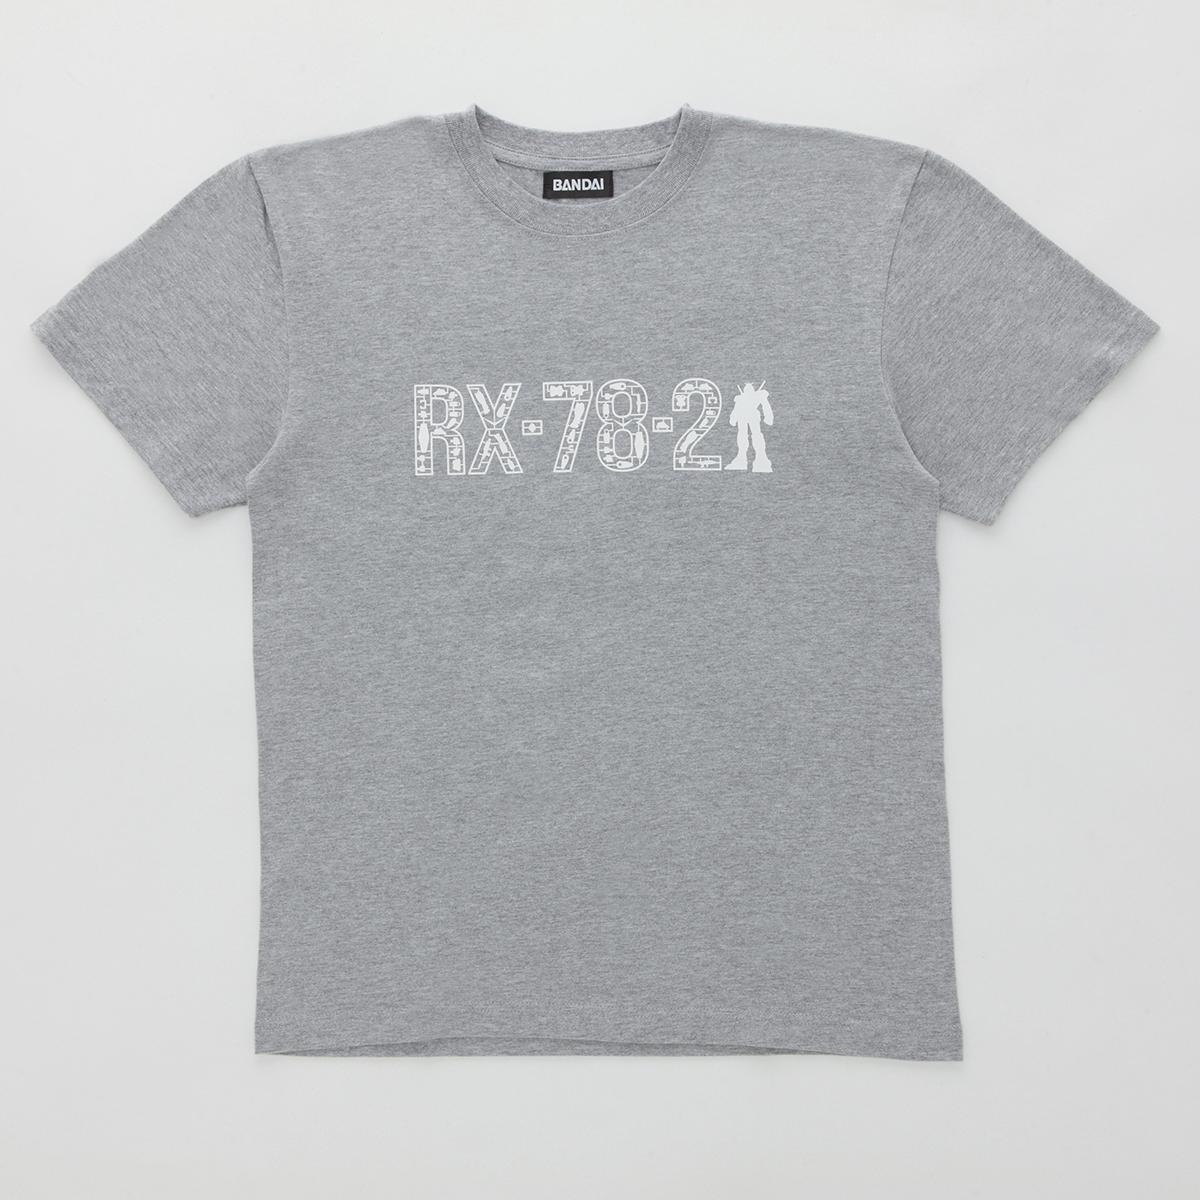 機動戦士ガンダム ガンプラ ランナー Tシャツ RX-78-2 ガンダム 杢白